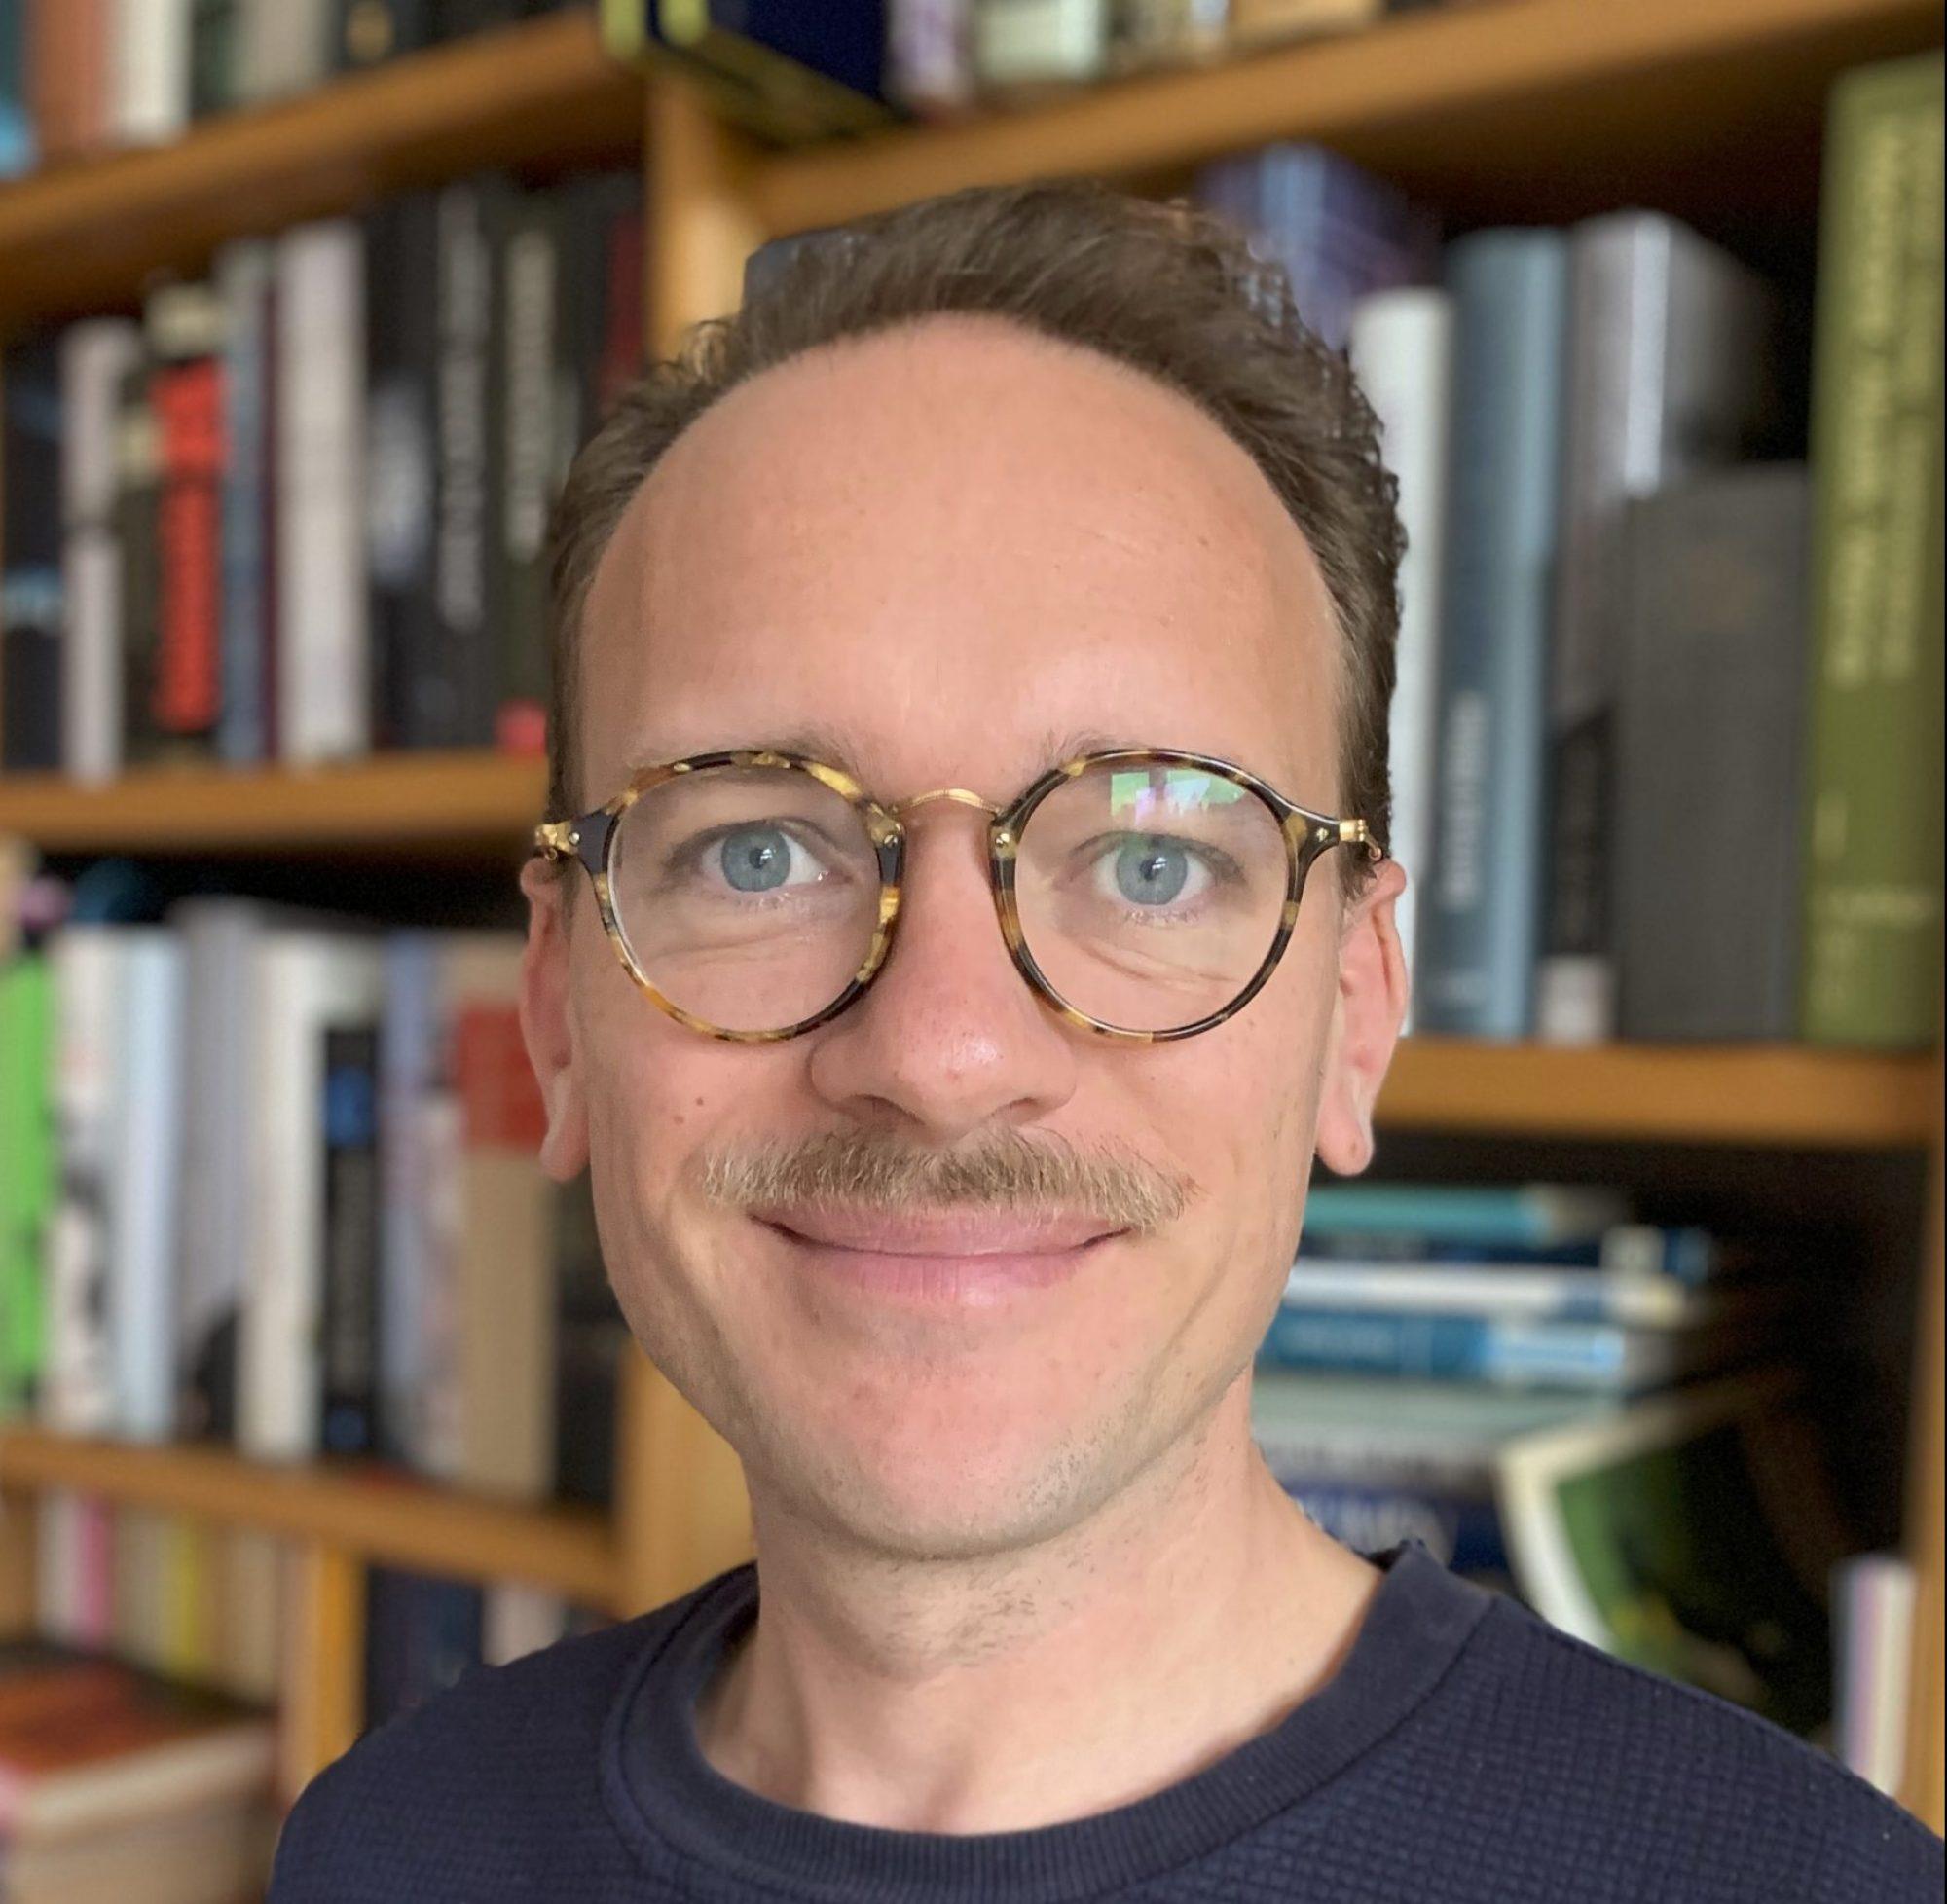 University Professor Dr Hauke Egermann